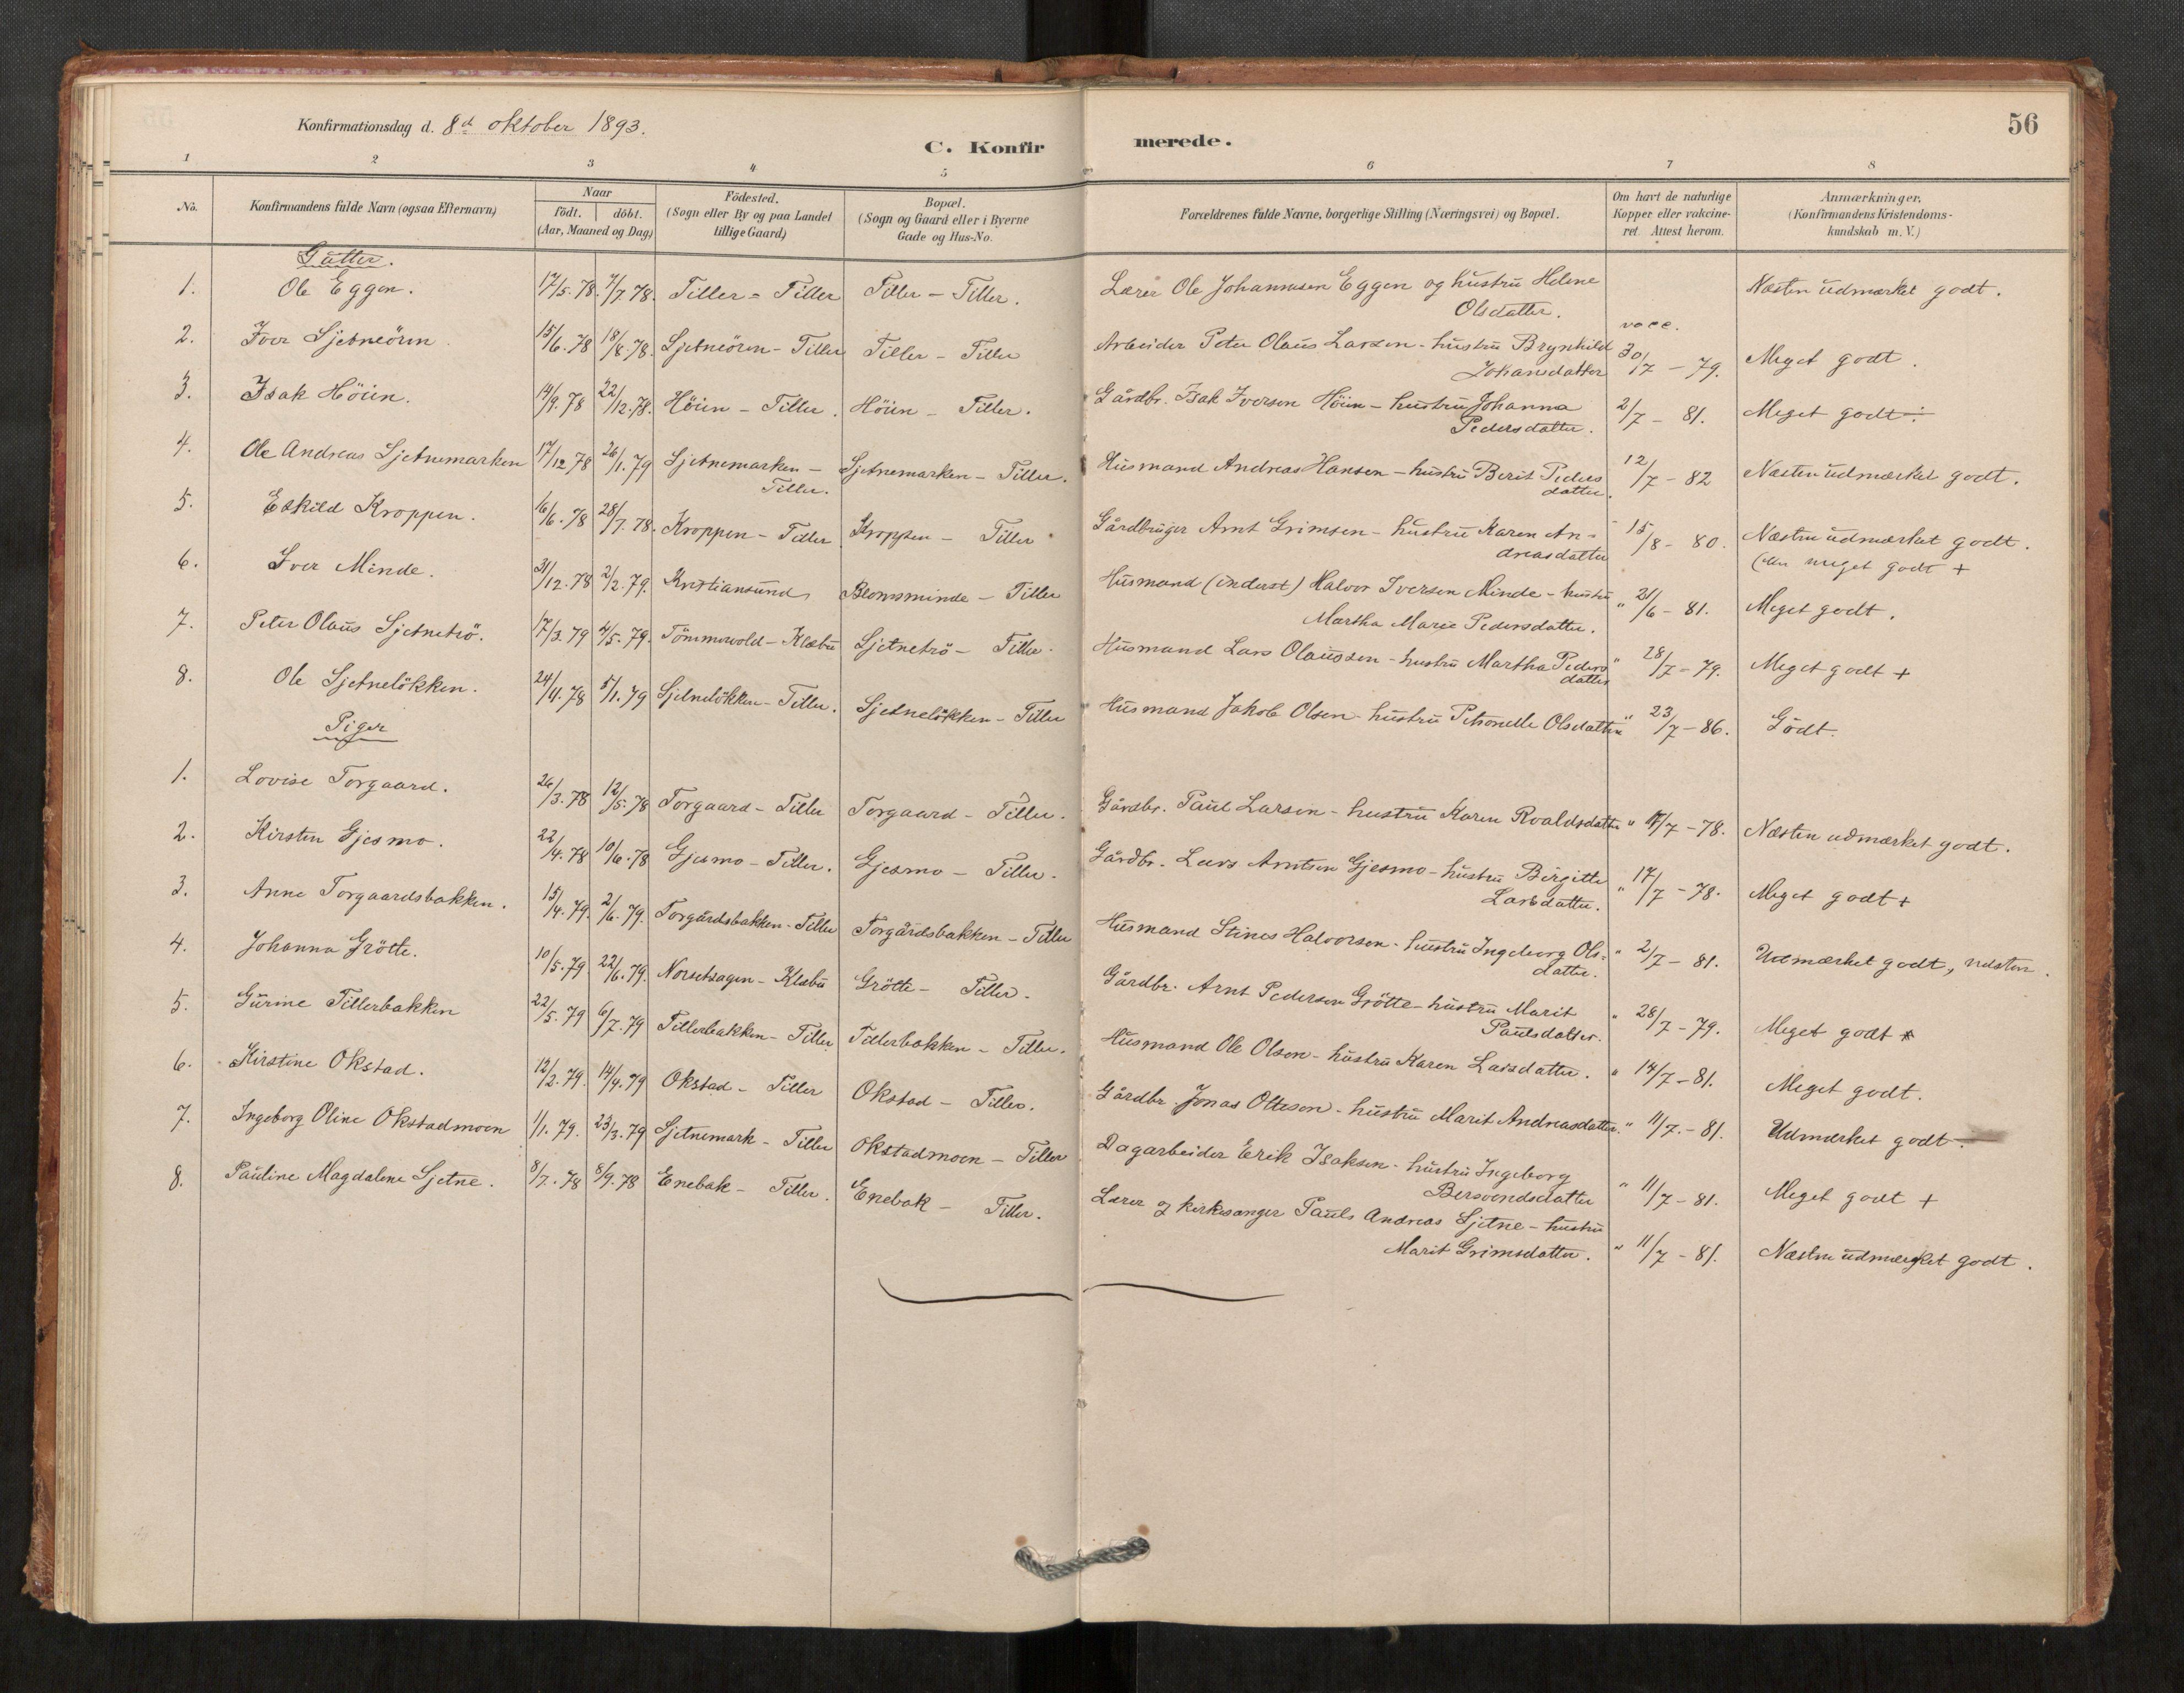 SAT, Klæbu sokneprestkontor, Parish register (official) no. 1, 1880-1900, p. 56